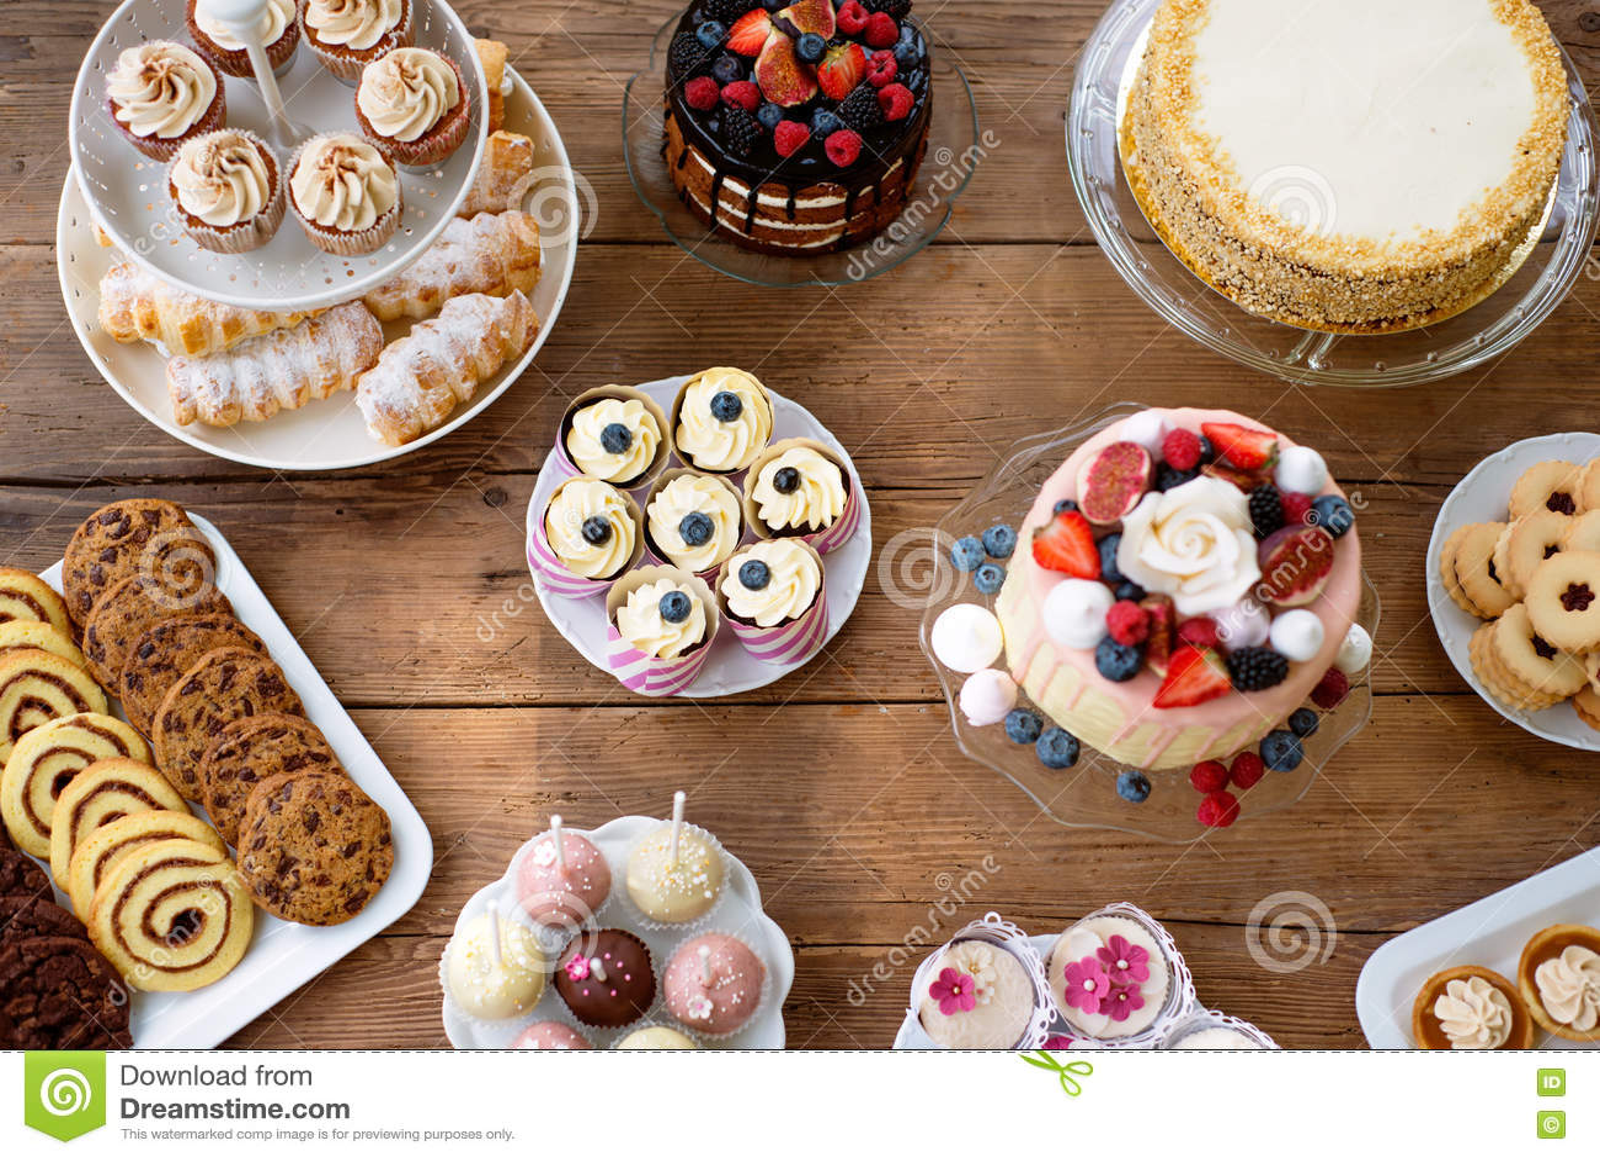 Holiday Wedding Cake Cookies